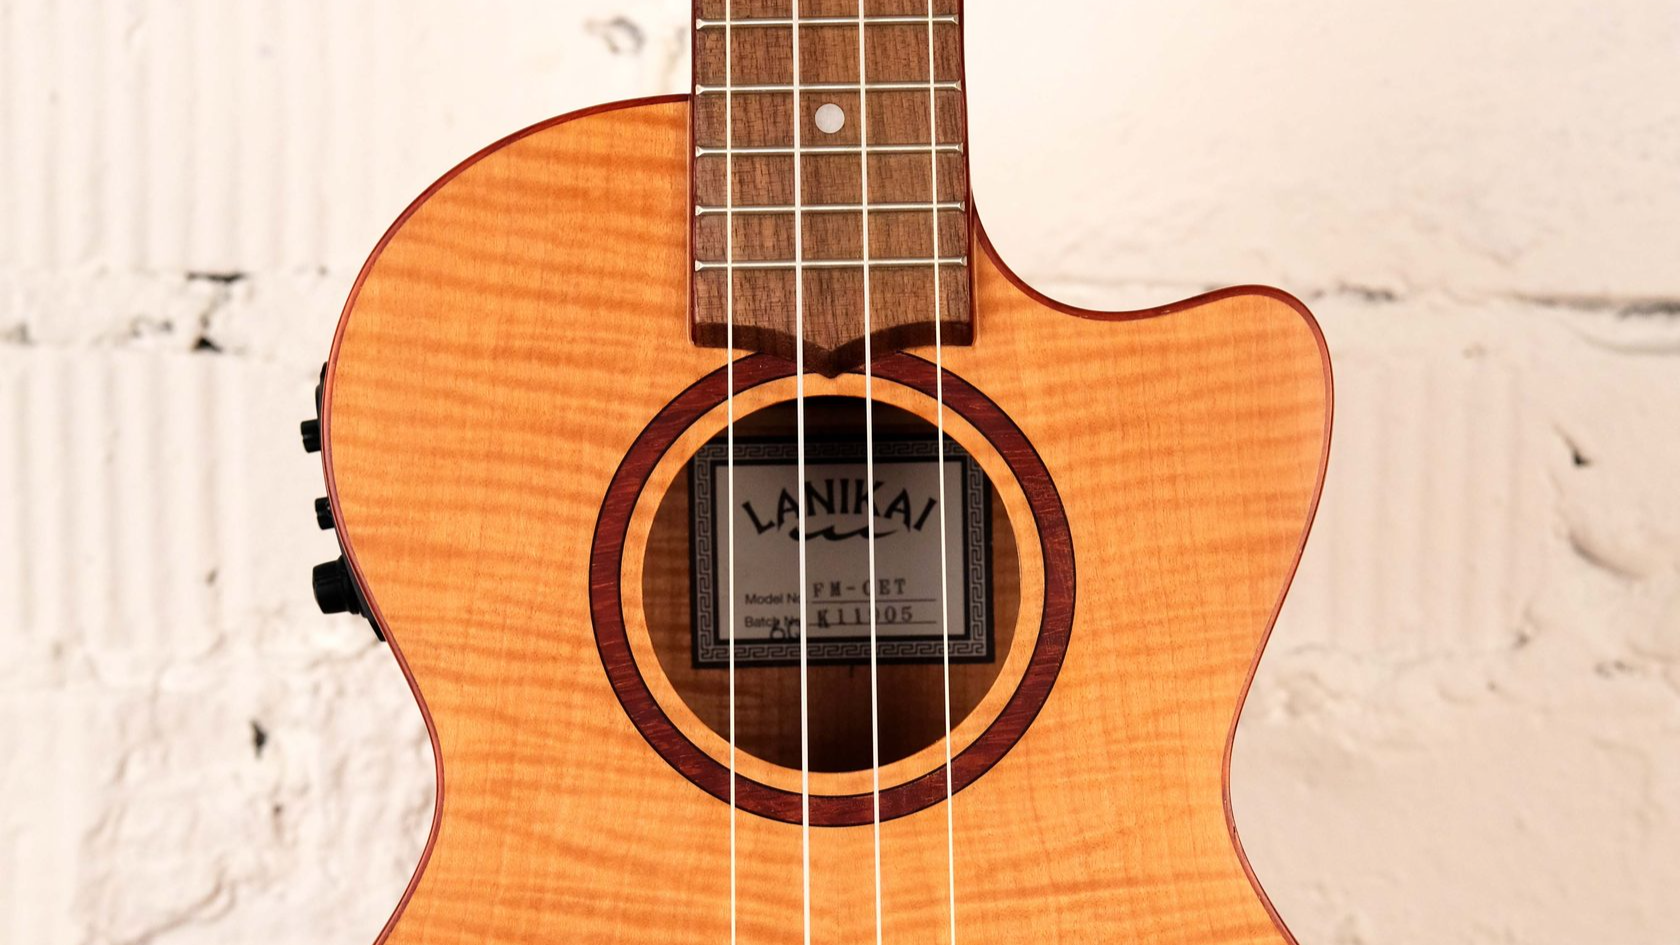 купить укулеле, магазин укулеле ukelovers, ukulele lanikai FM-CET со звукоснимателем, укулеле тенор, клен